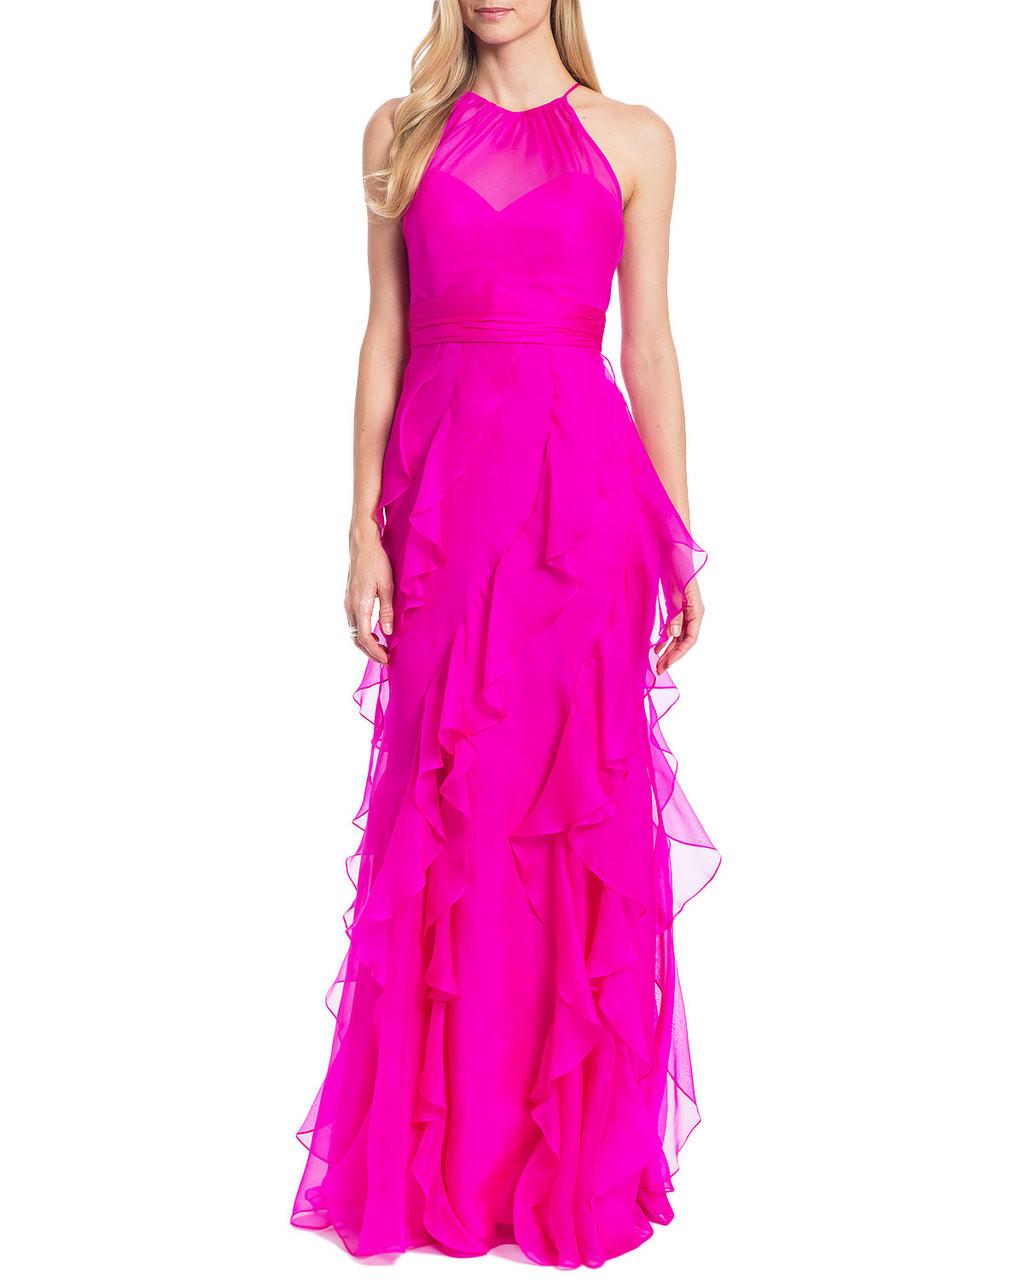 2cb2829f929a Organza Ruffle Skirt Evening Gown by Badgley Mischka